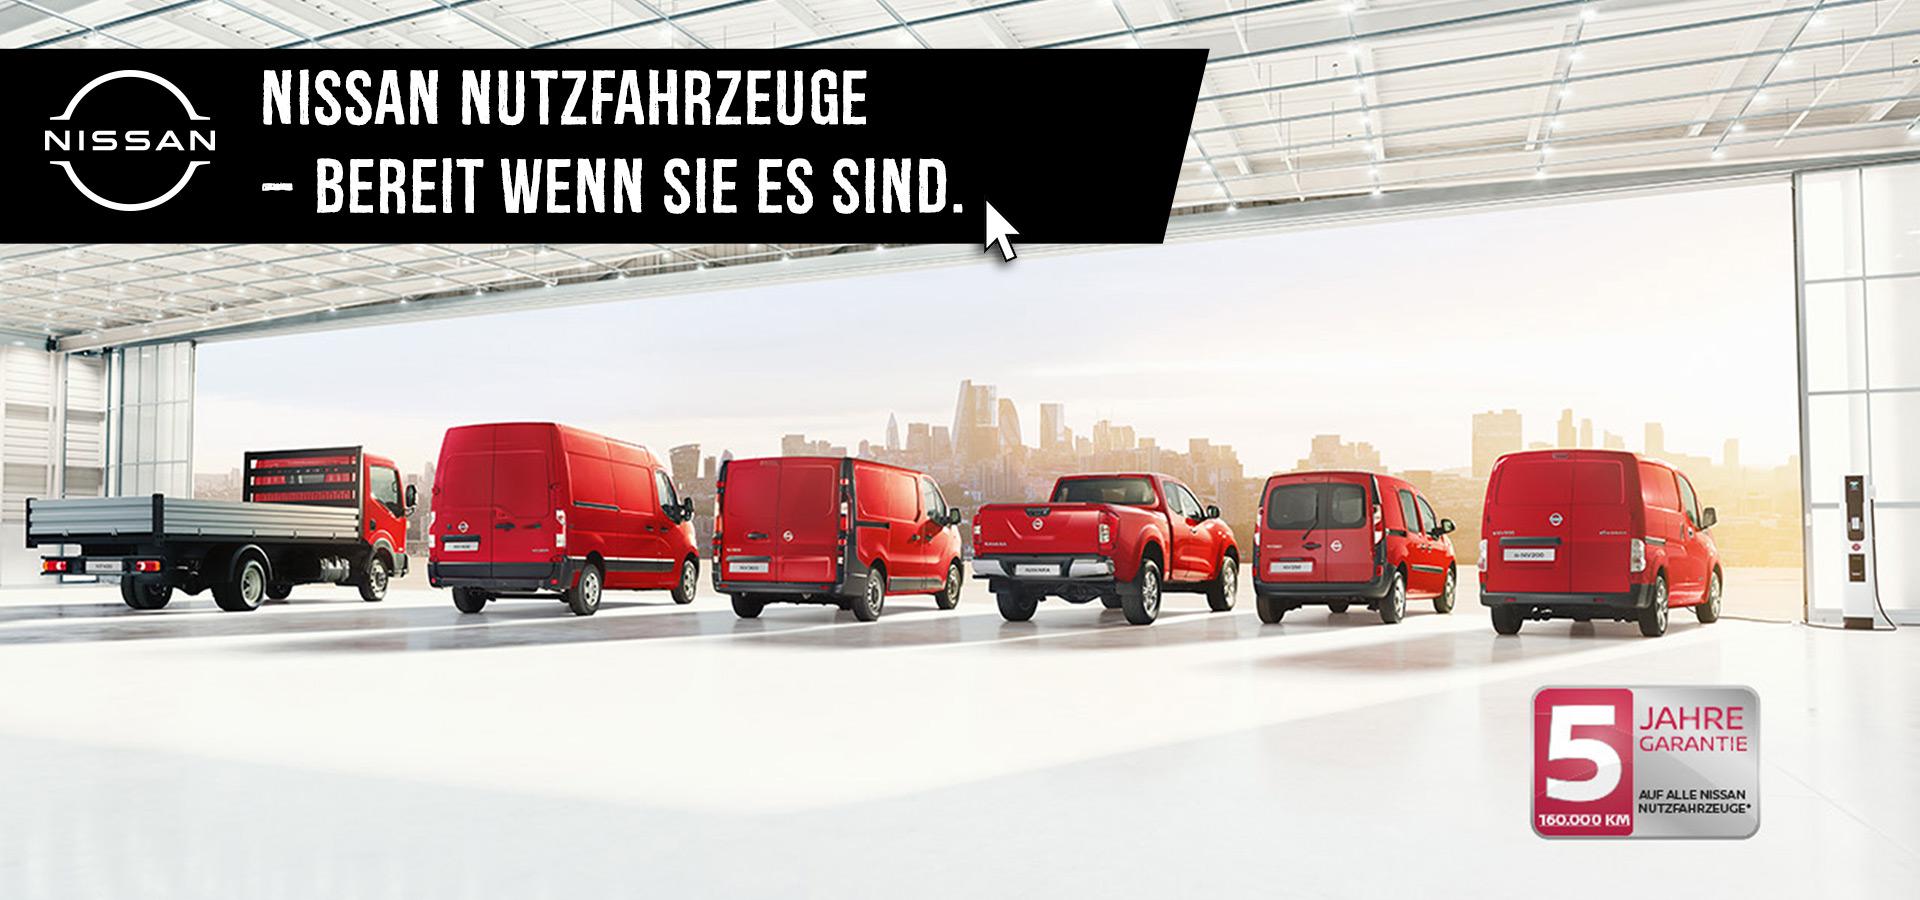 Nissan Nutzfahrzeuge – Bereit wenn Sie es sind.